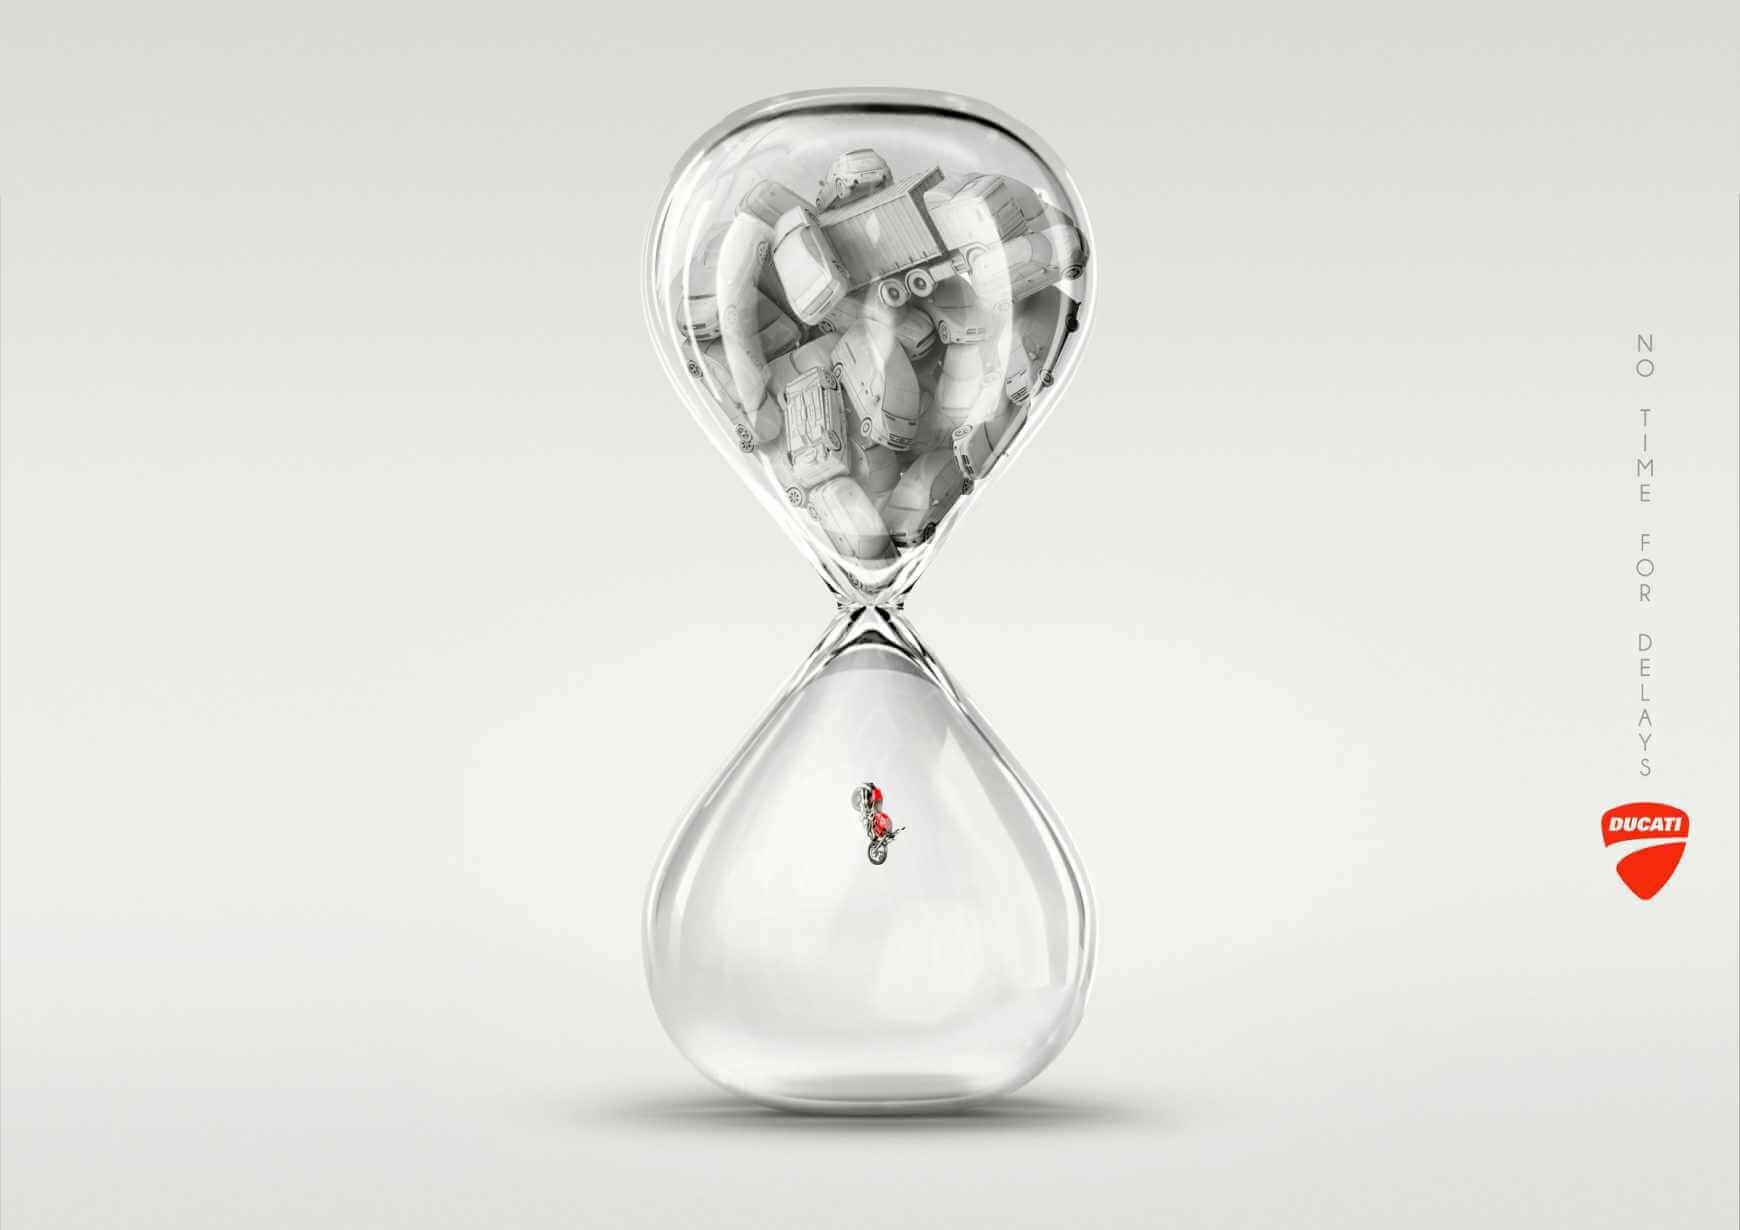 #CuandoLaPublicidad: No pierde tiempo.